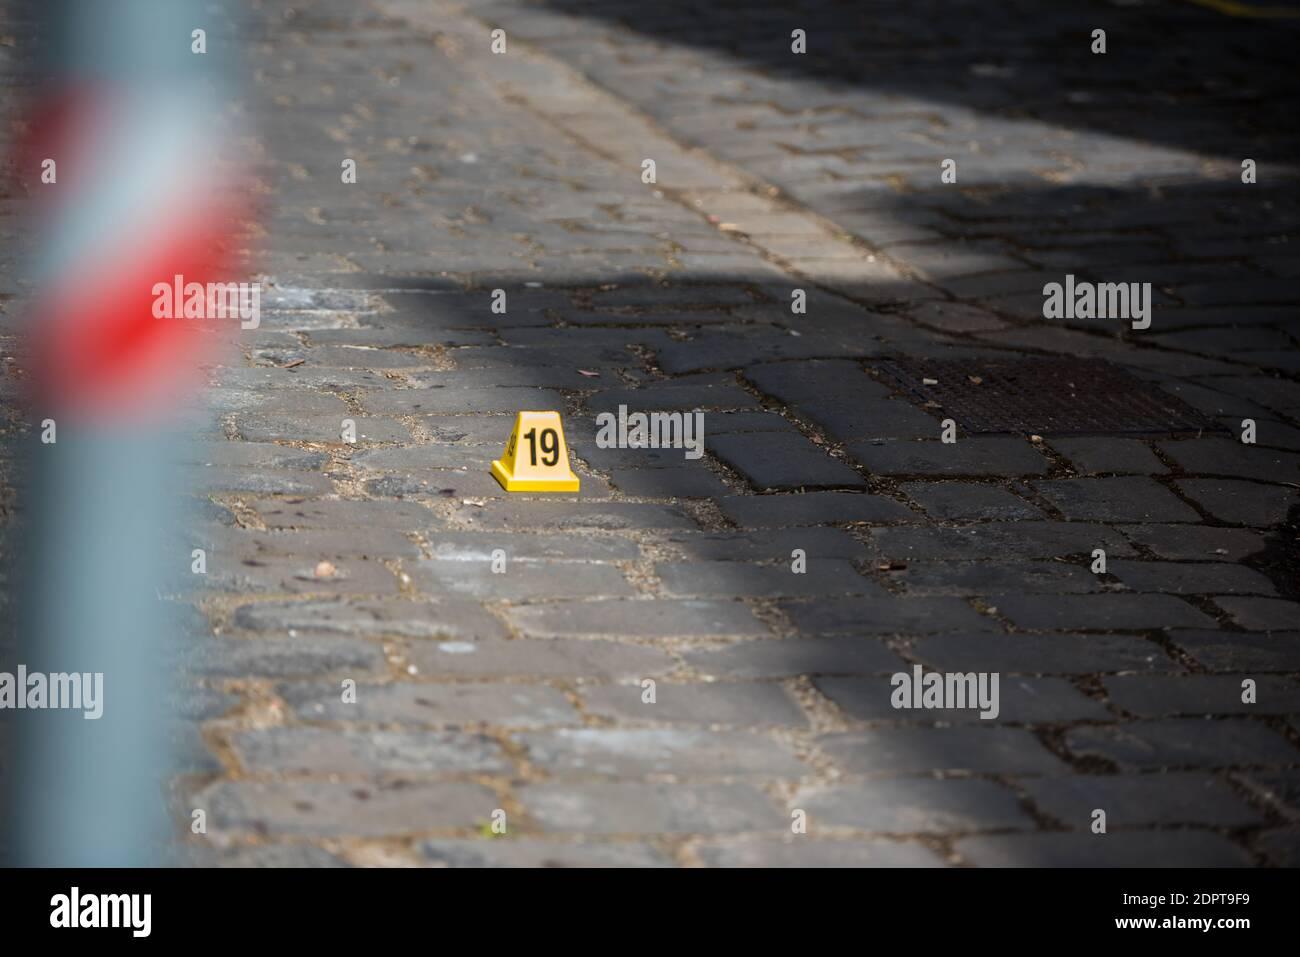 Melbourne, Australie. 19 décembre 2020. Des traces de sang ont été laissées sur une route en briques, dans une allée près de la célèbre zone de nuit.UN homme a été trouvé avec des blessures graves sur les mains et après une enquête de police, il s'est avéré qu'il s'agissait d'un « incident médical » où les blessures étaient des rapports de police auto-infligés. Crédit : SOPA Images Limited/Alamy Live News Banque D'Images